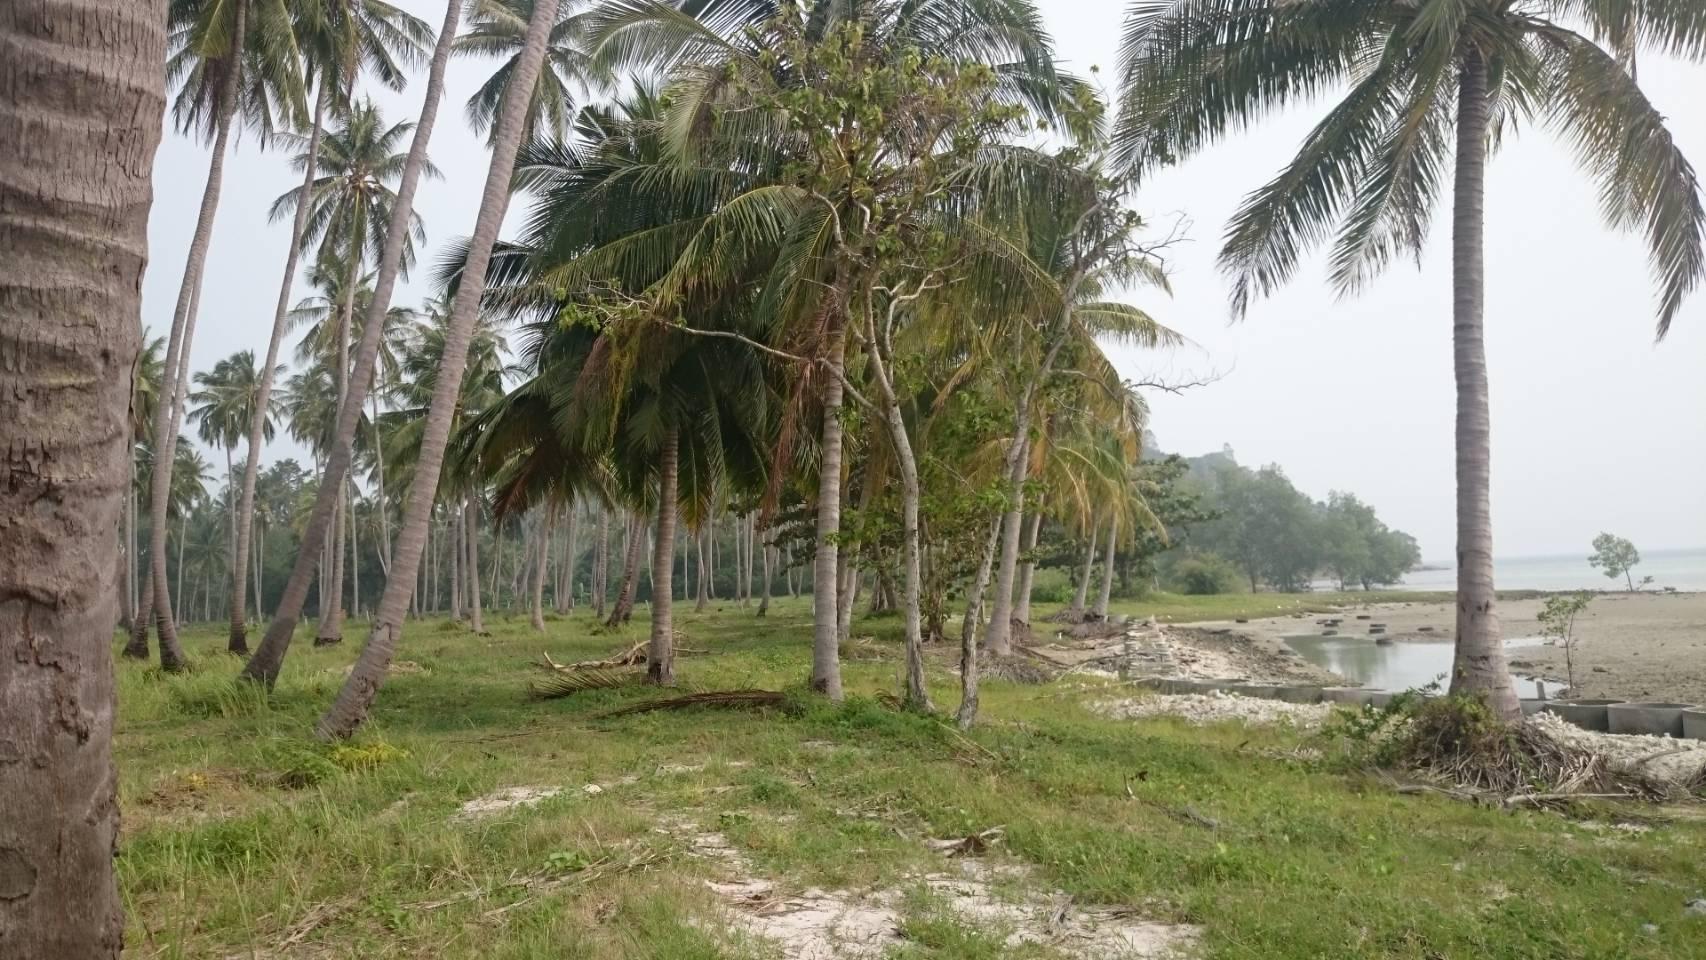 ขายที่ดินติดหาดท้องกรูท เกาะสมุย 5